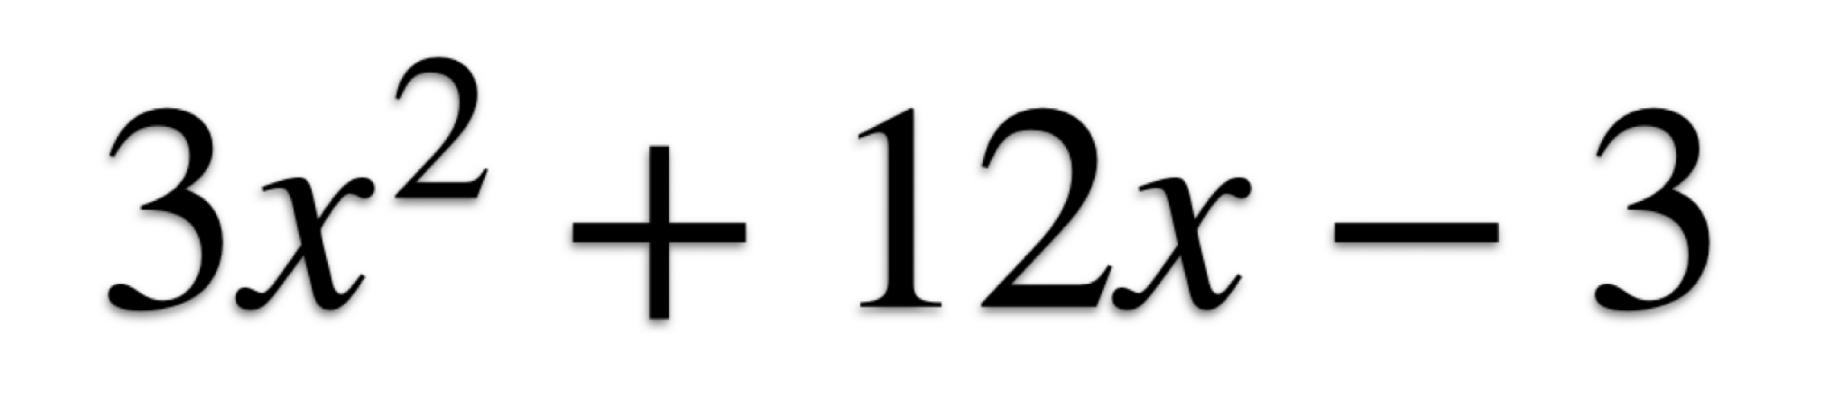 The Quadratic Equations 4